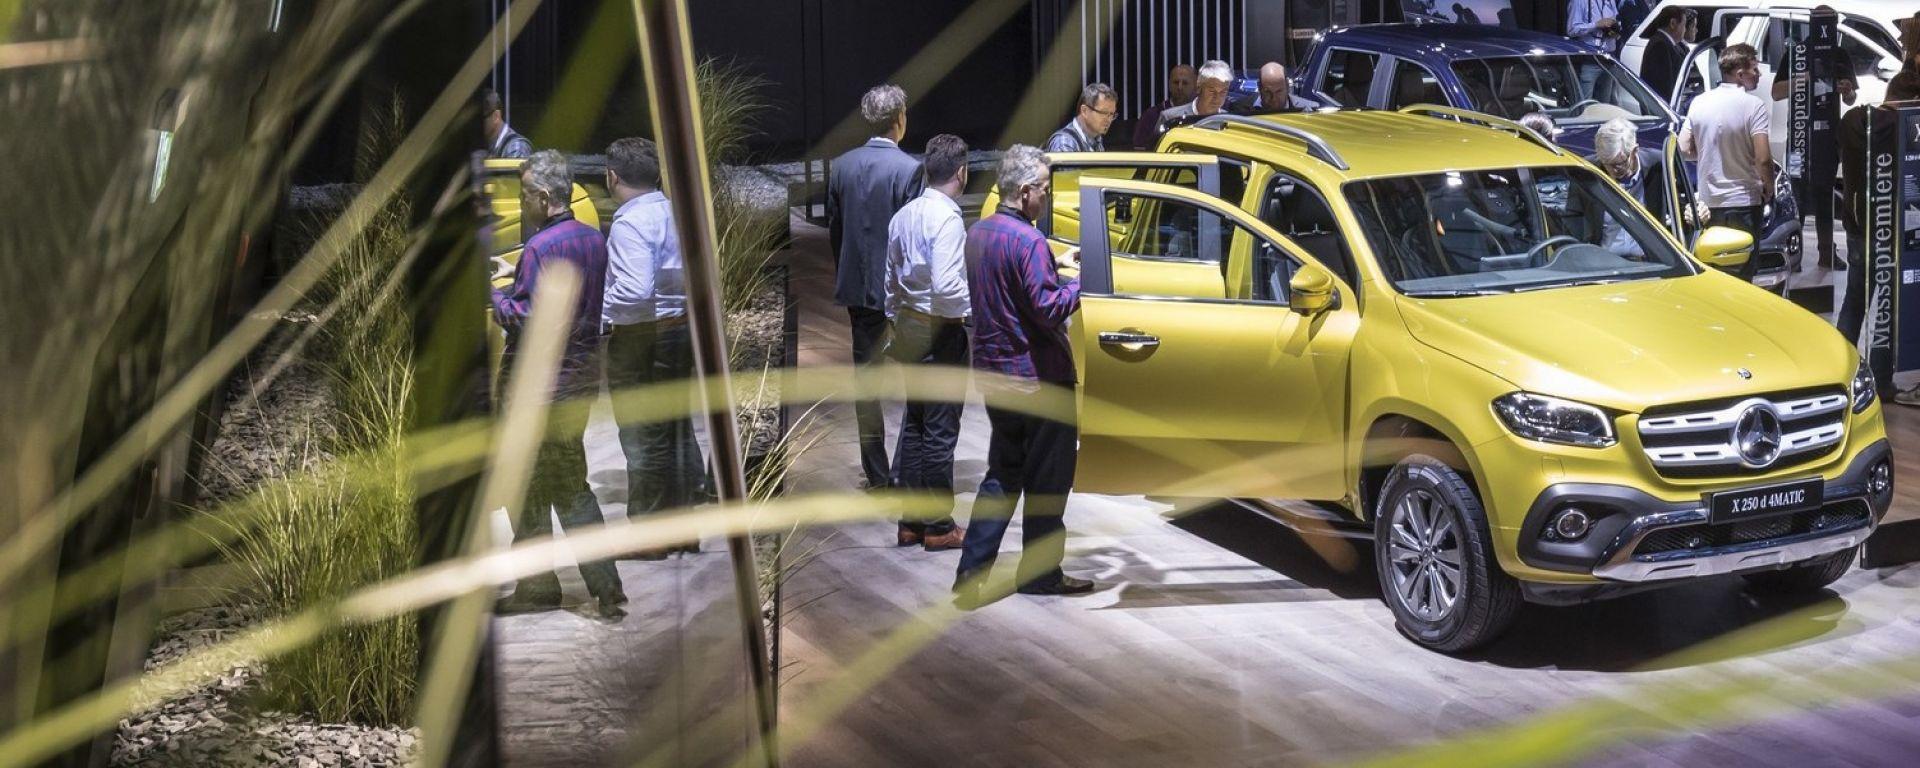 Nuova Mercedes Classe X: ecco il pick-up di lusso